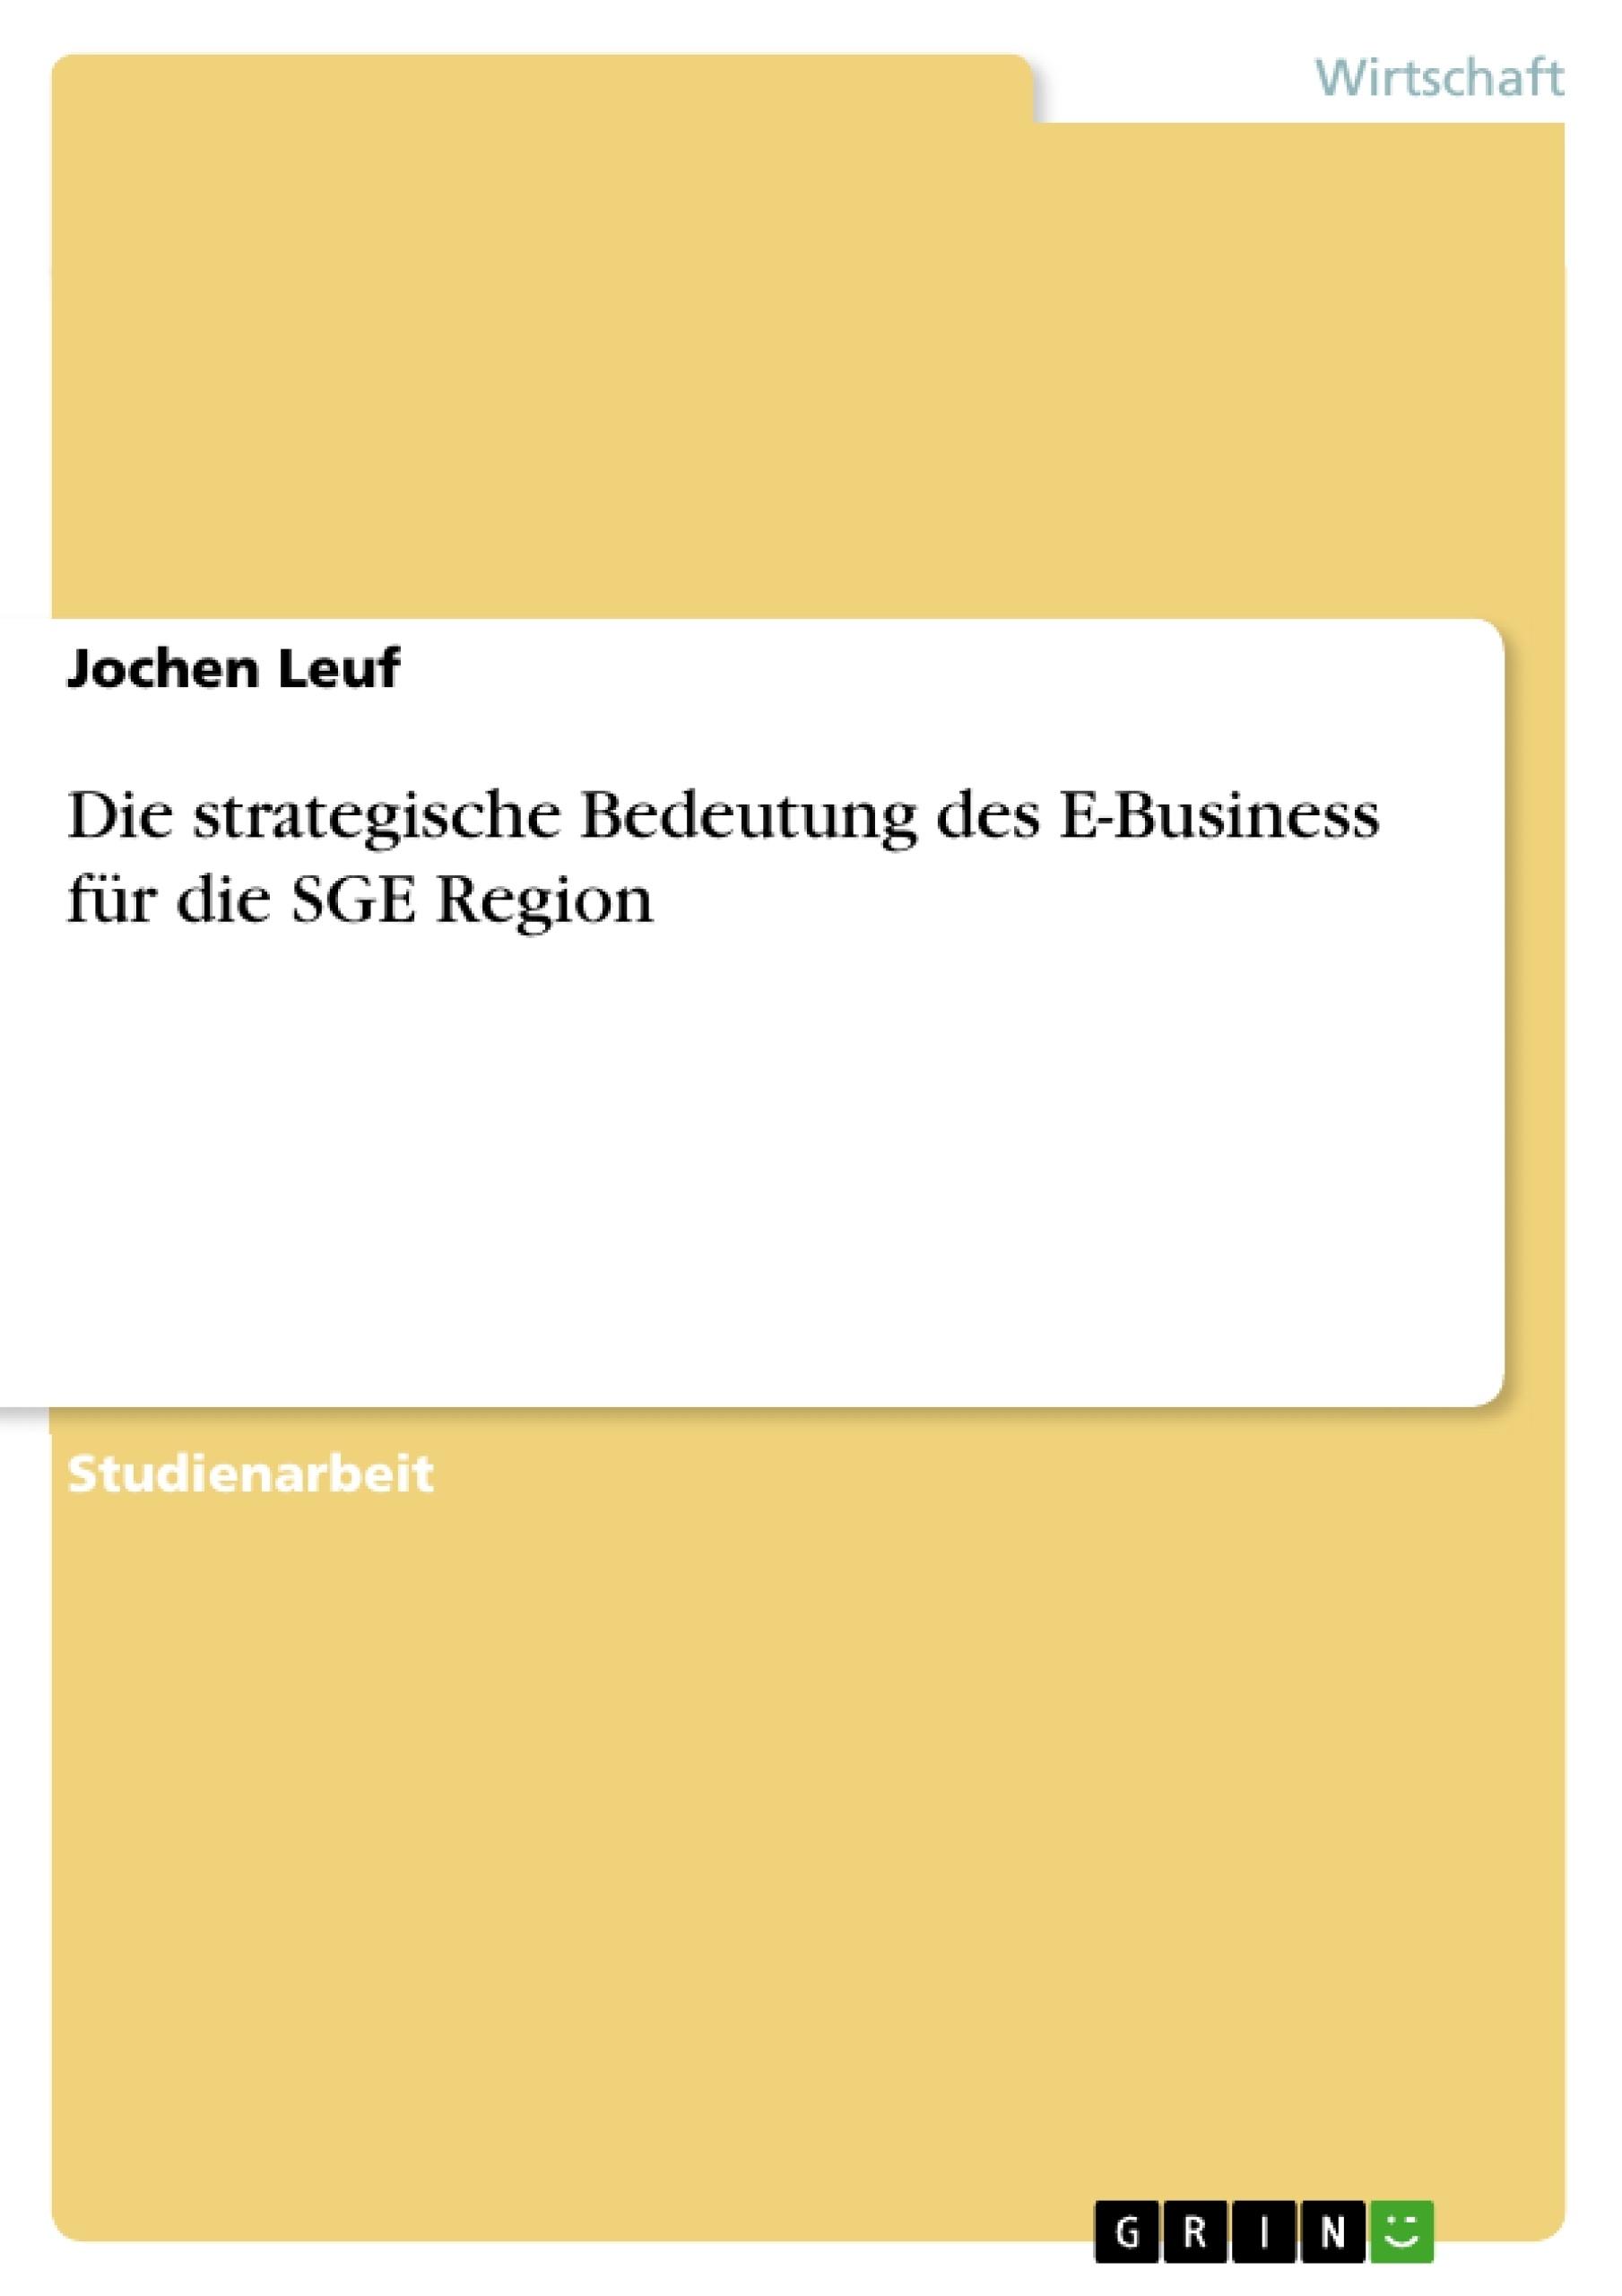 Titel: Die strategische Bedeutung des E-Business für die  SGE Region